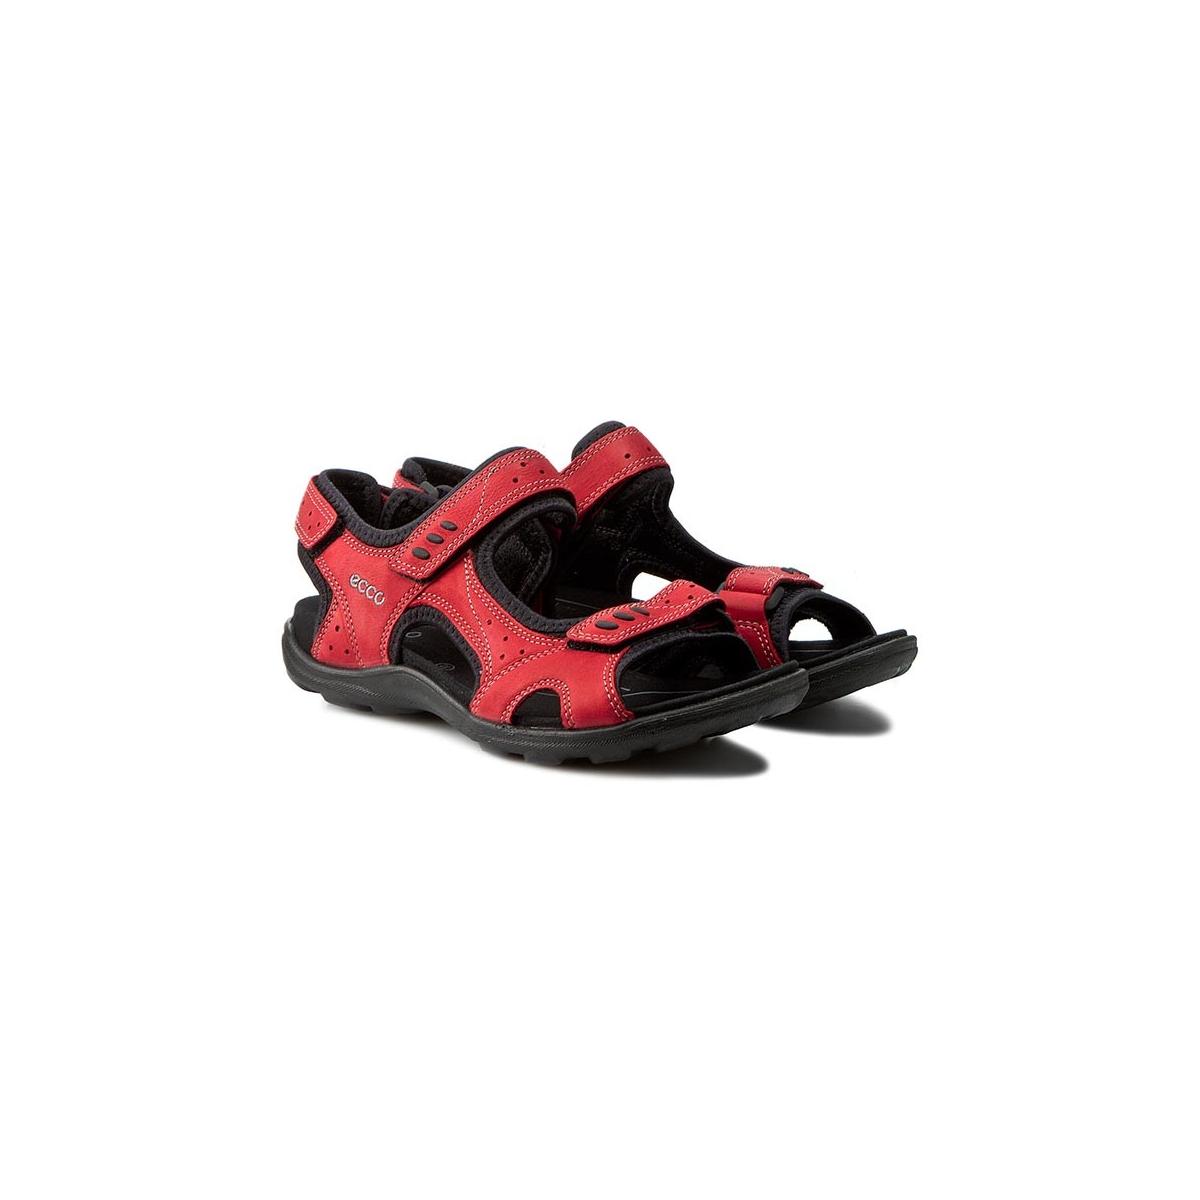 Sandalo Strappi Kana Chili...